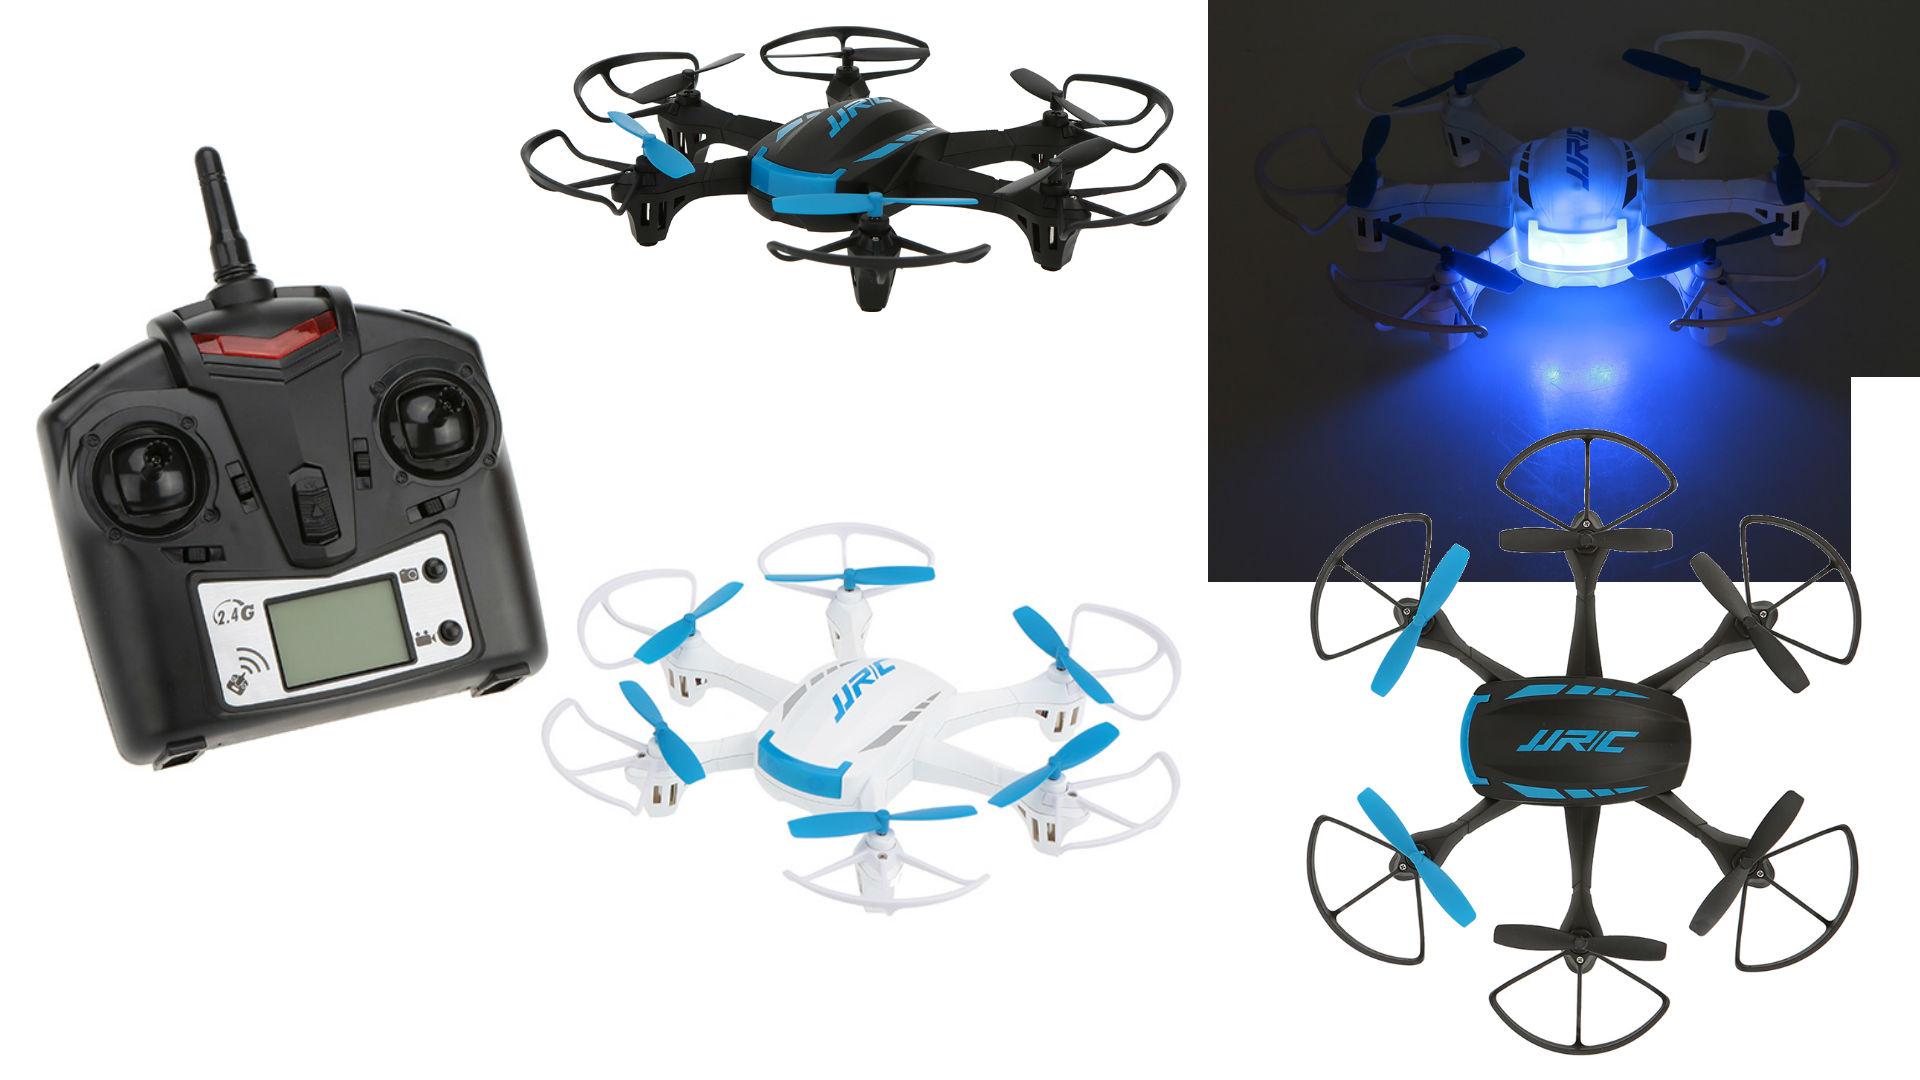 mini_drone_3d_jjrc_h21.jpg